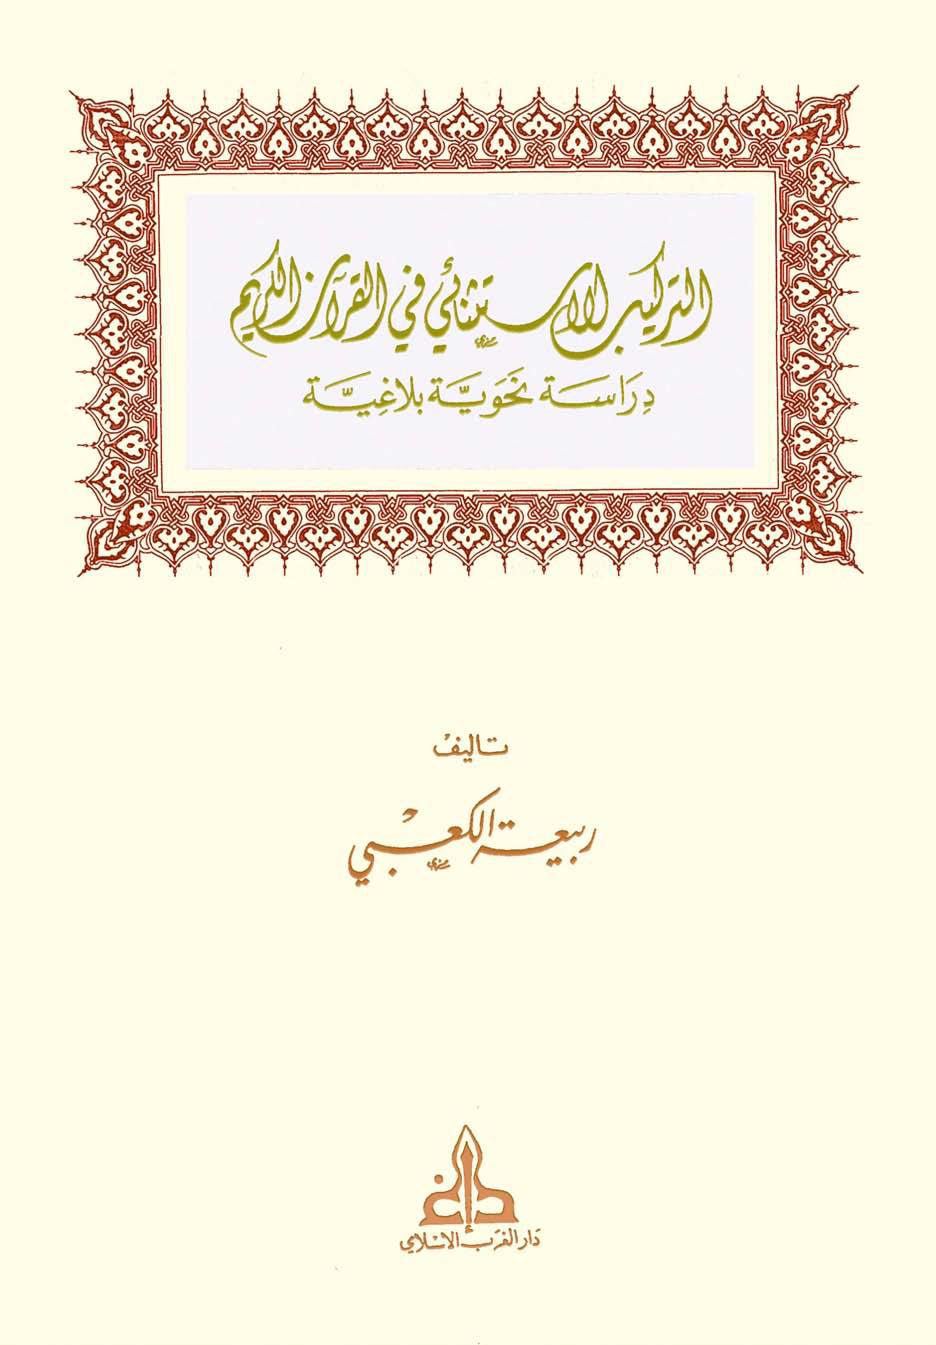 تحميل كتاب التركيب الاستثنائي في القرآن الكريم (دراسة نحوية بلاغية) لـِ: ربيعة الكعبي